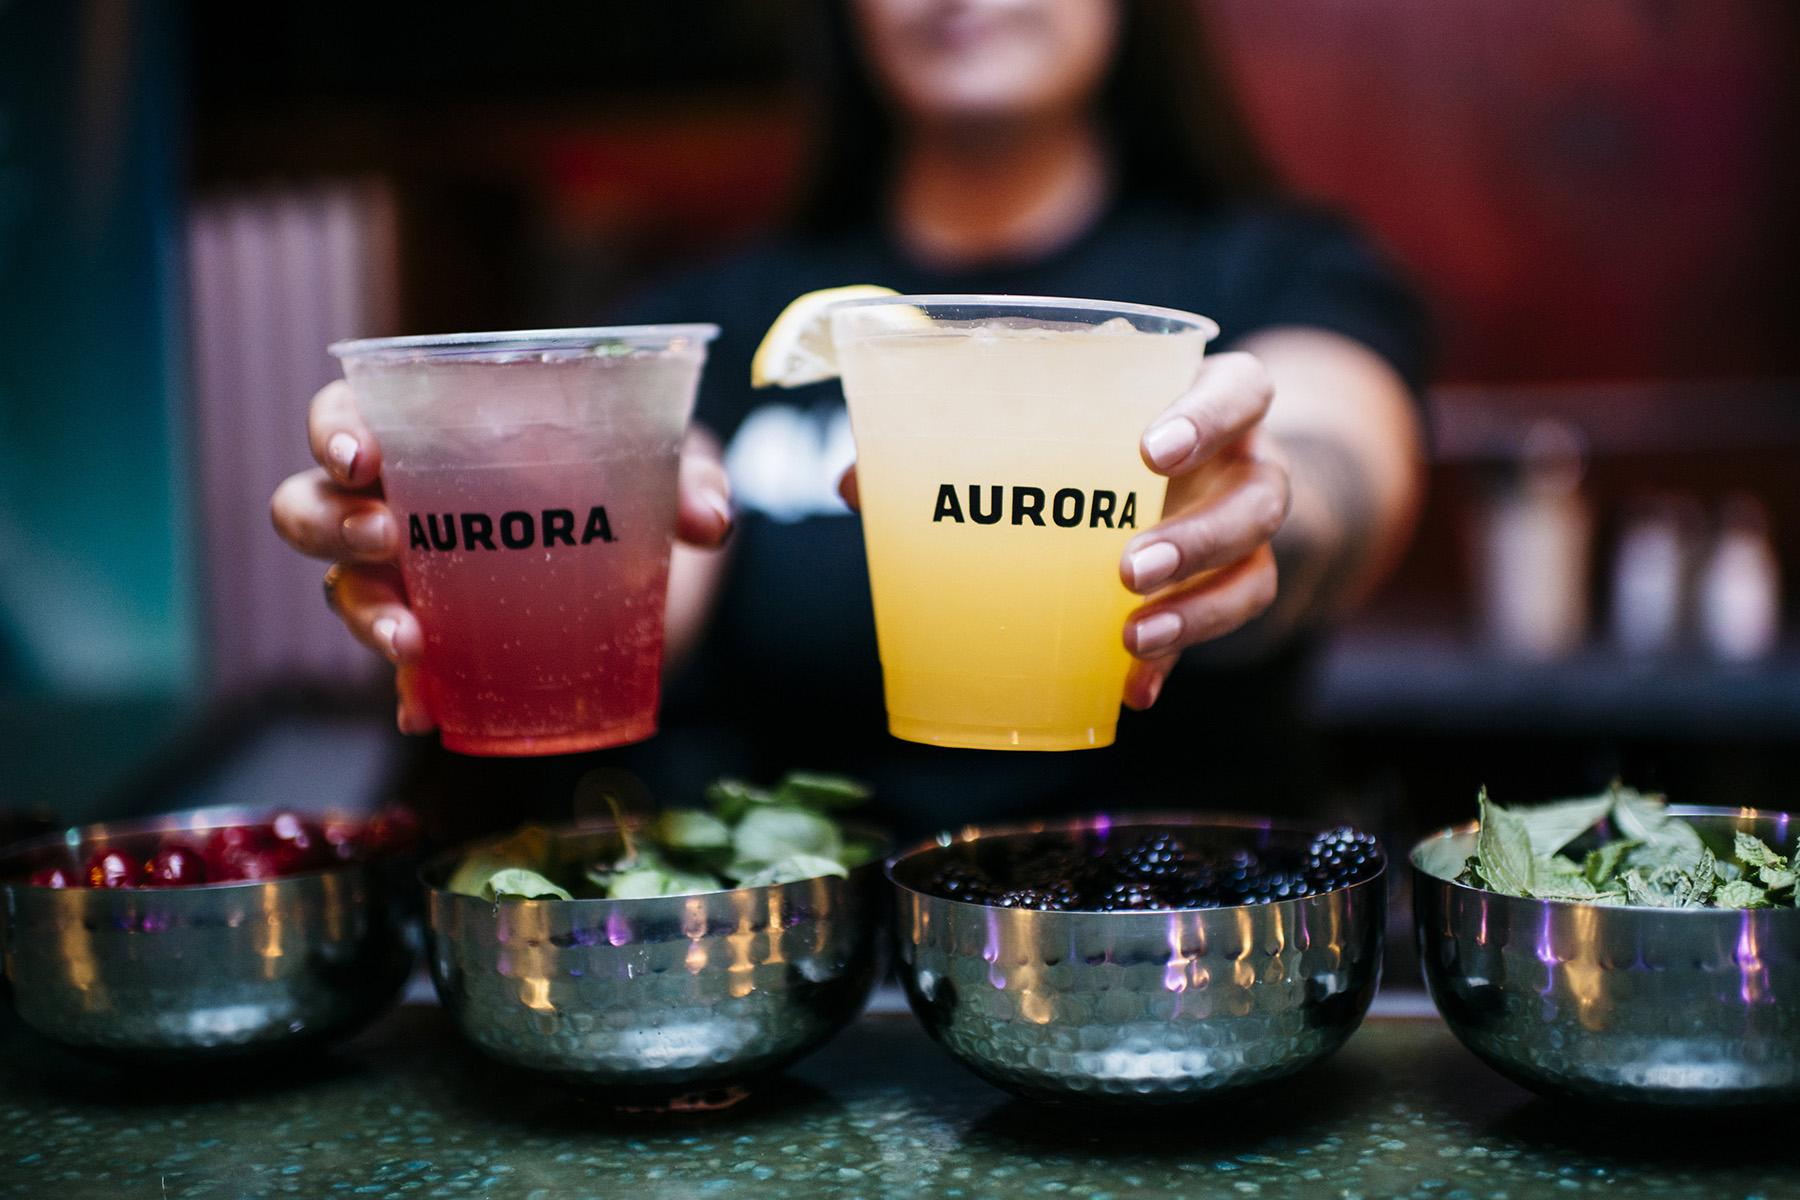 aurora-case-study-3